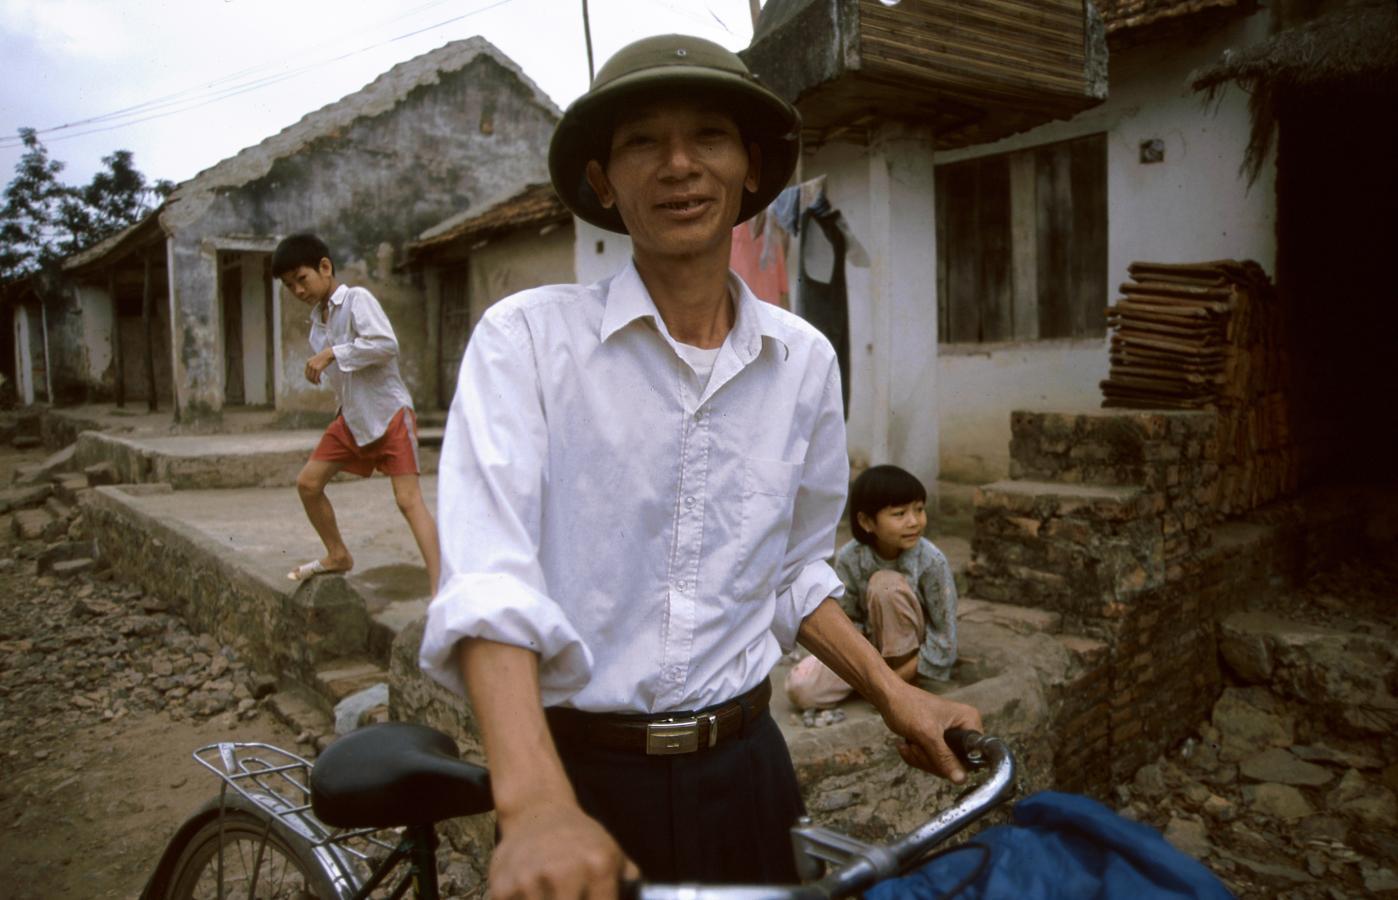 man-with-bicycle-small-village-around-hanoi-vietnam-2002